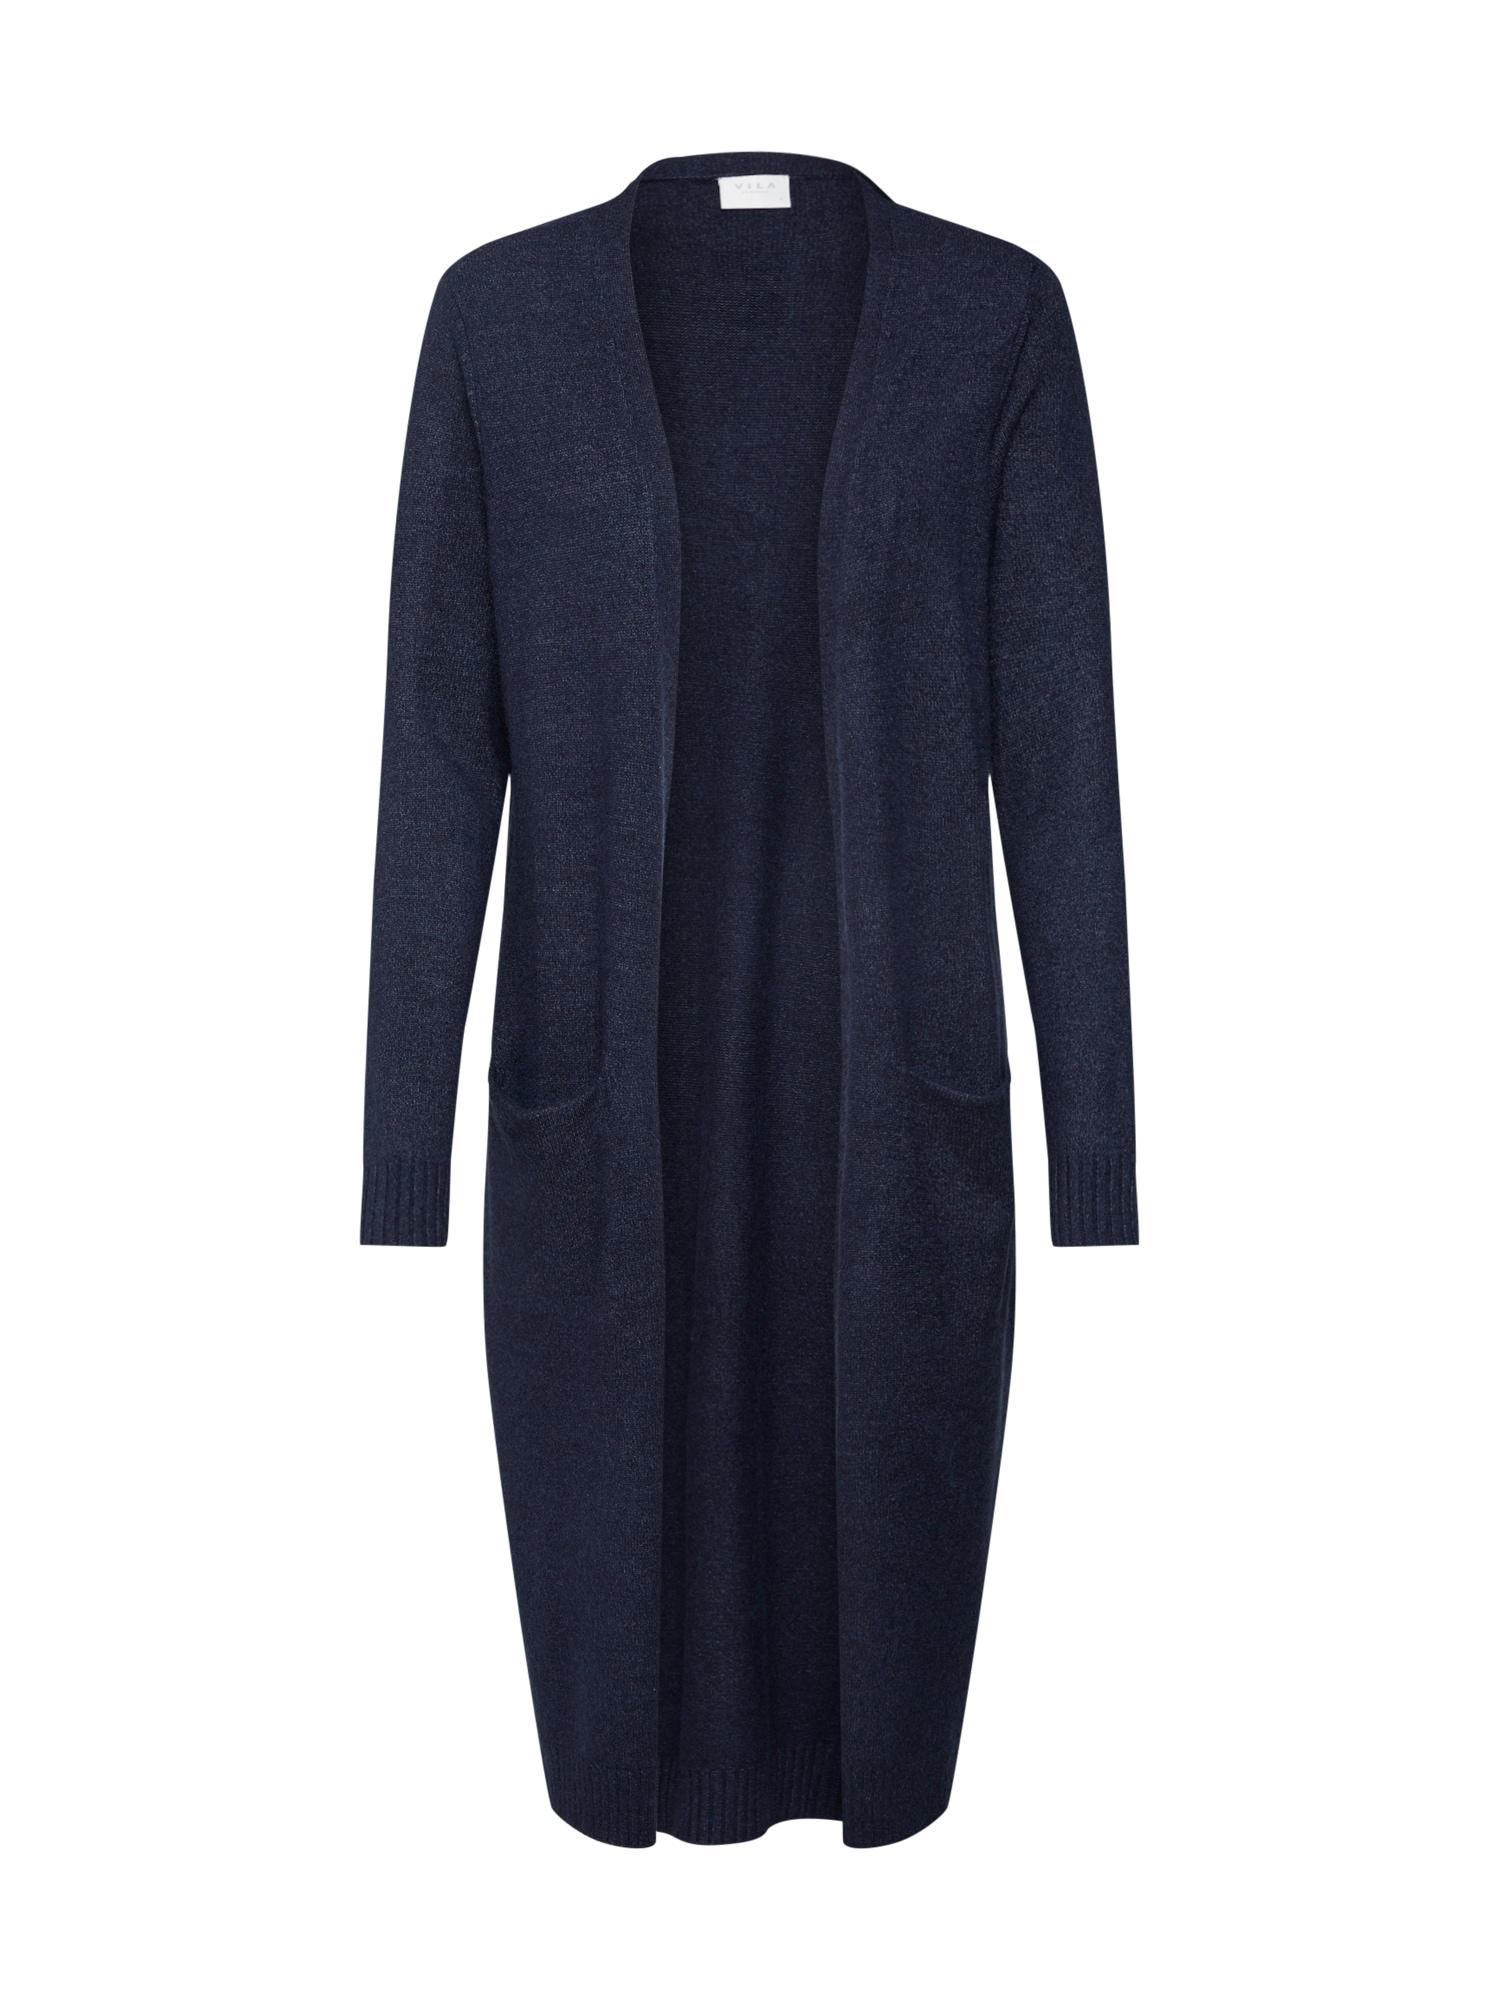 Pletený kabátek Ril noční modrá VILA